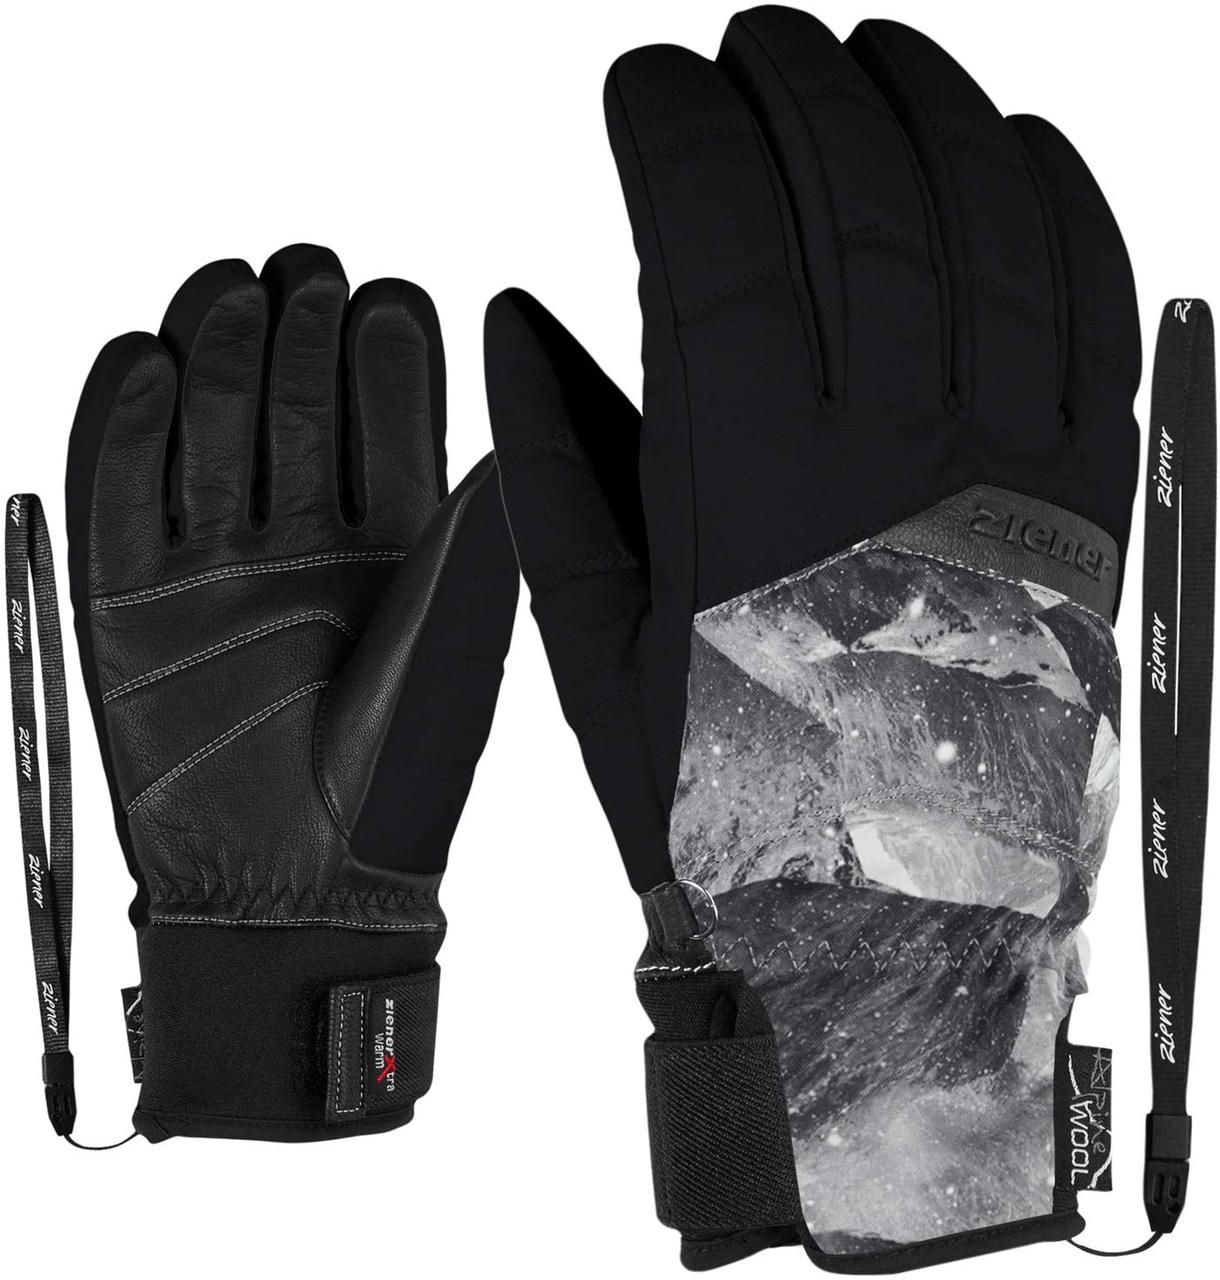 Гірськолижні рукавиці Ziener KOMI AS AW LADY | 8.5 (M)